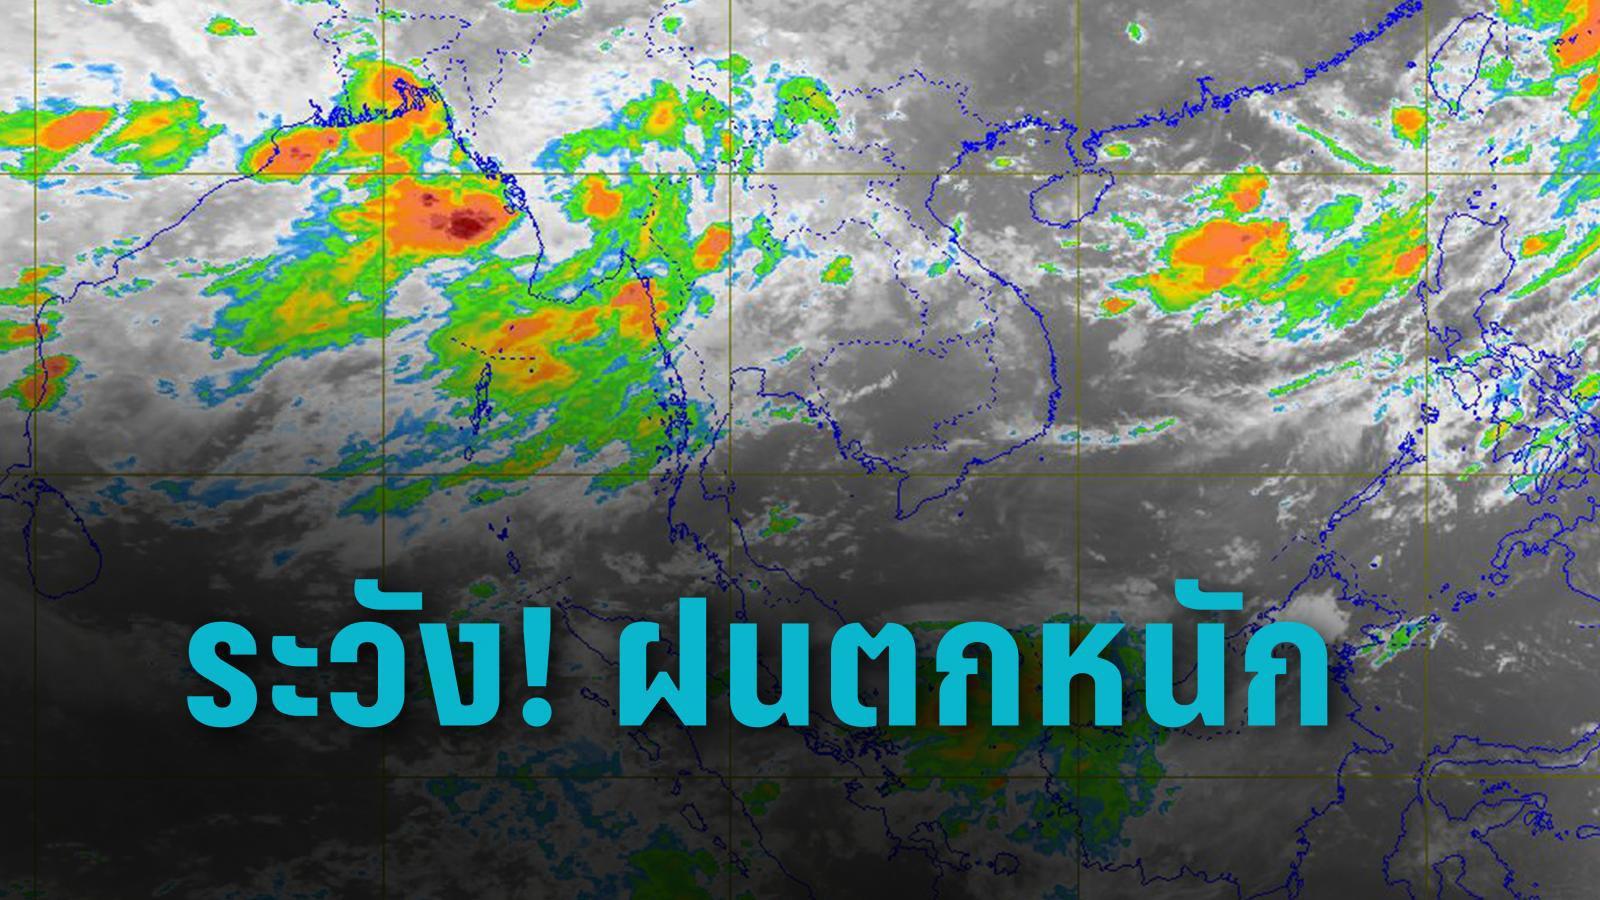 กรมอุตุฯ เตือน มรสุมเข้าไทย ฝนตกหนัก 32 จว. ระวังน้ำท่วม-น้ำป่าหลาก